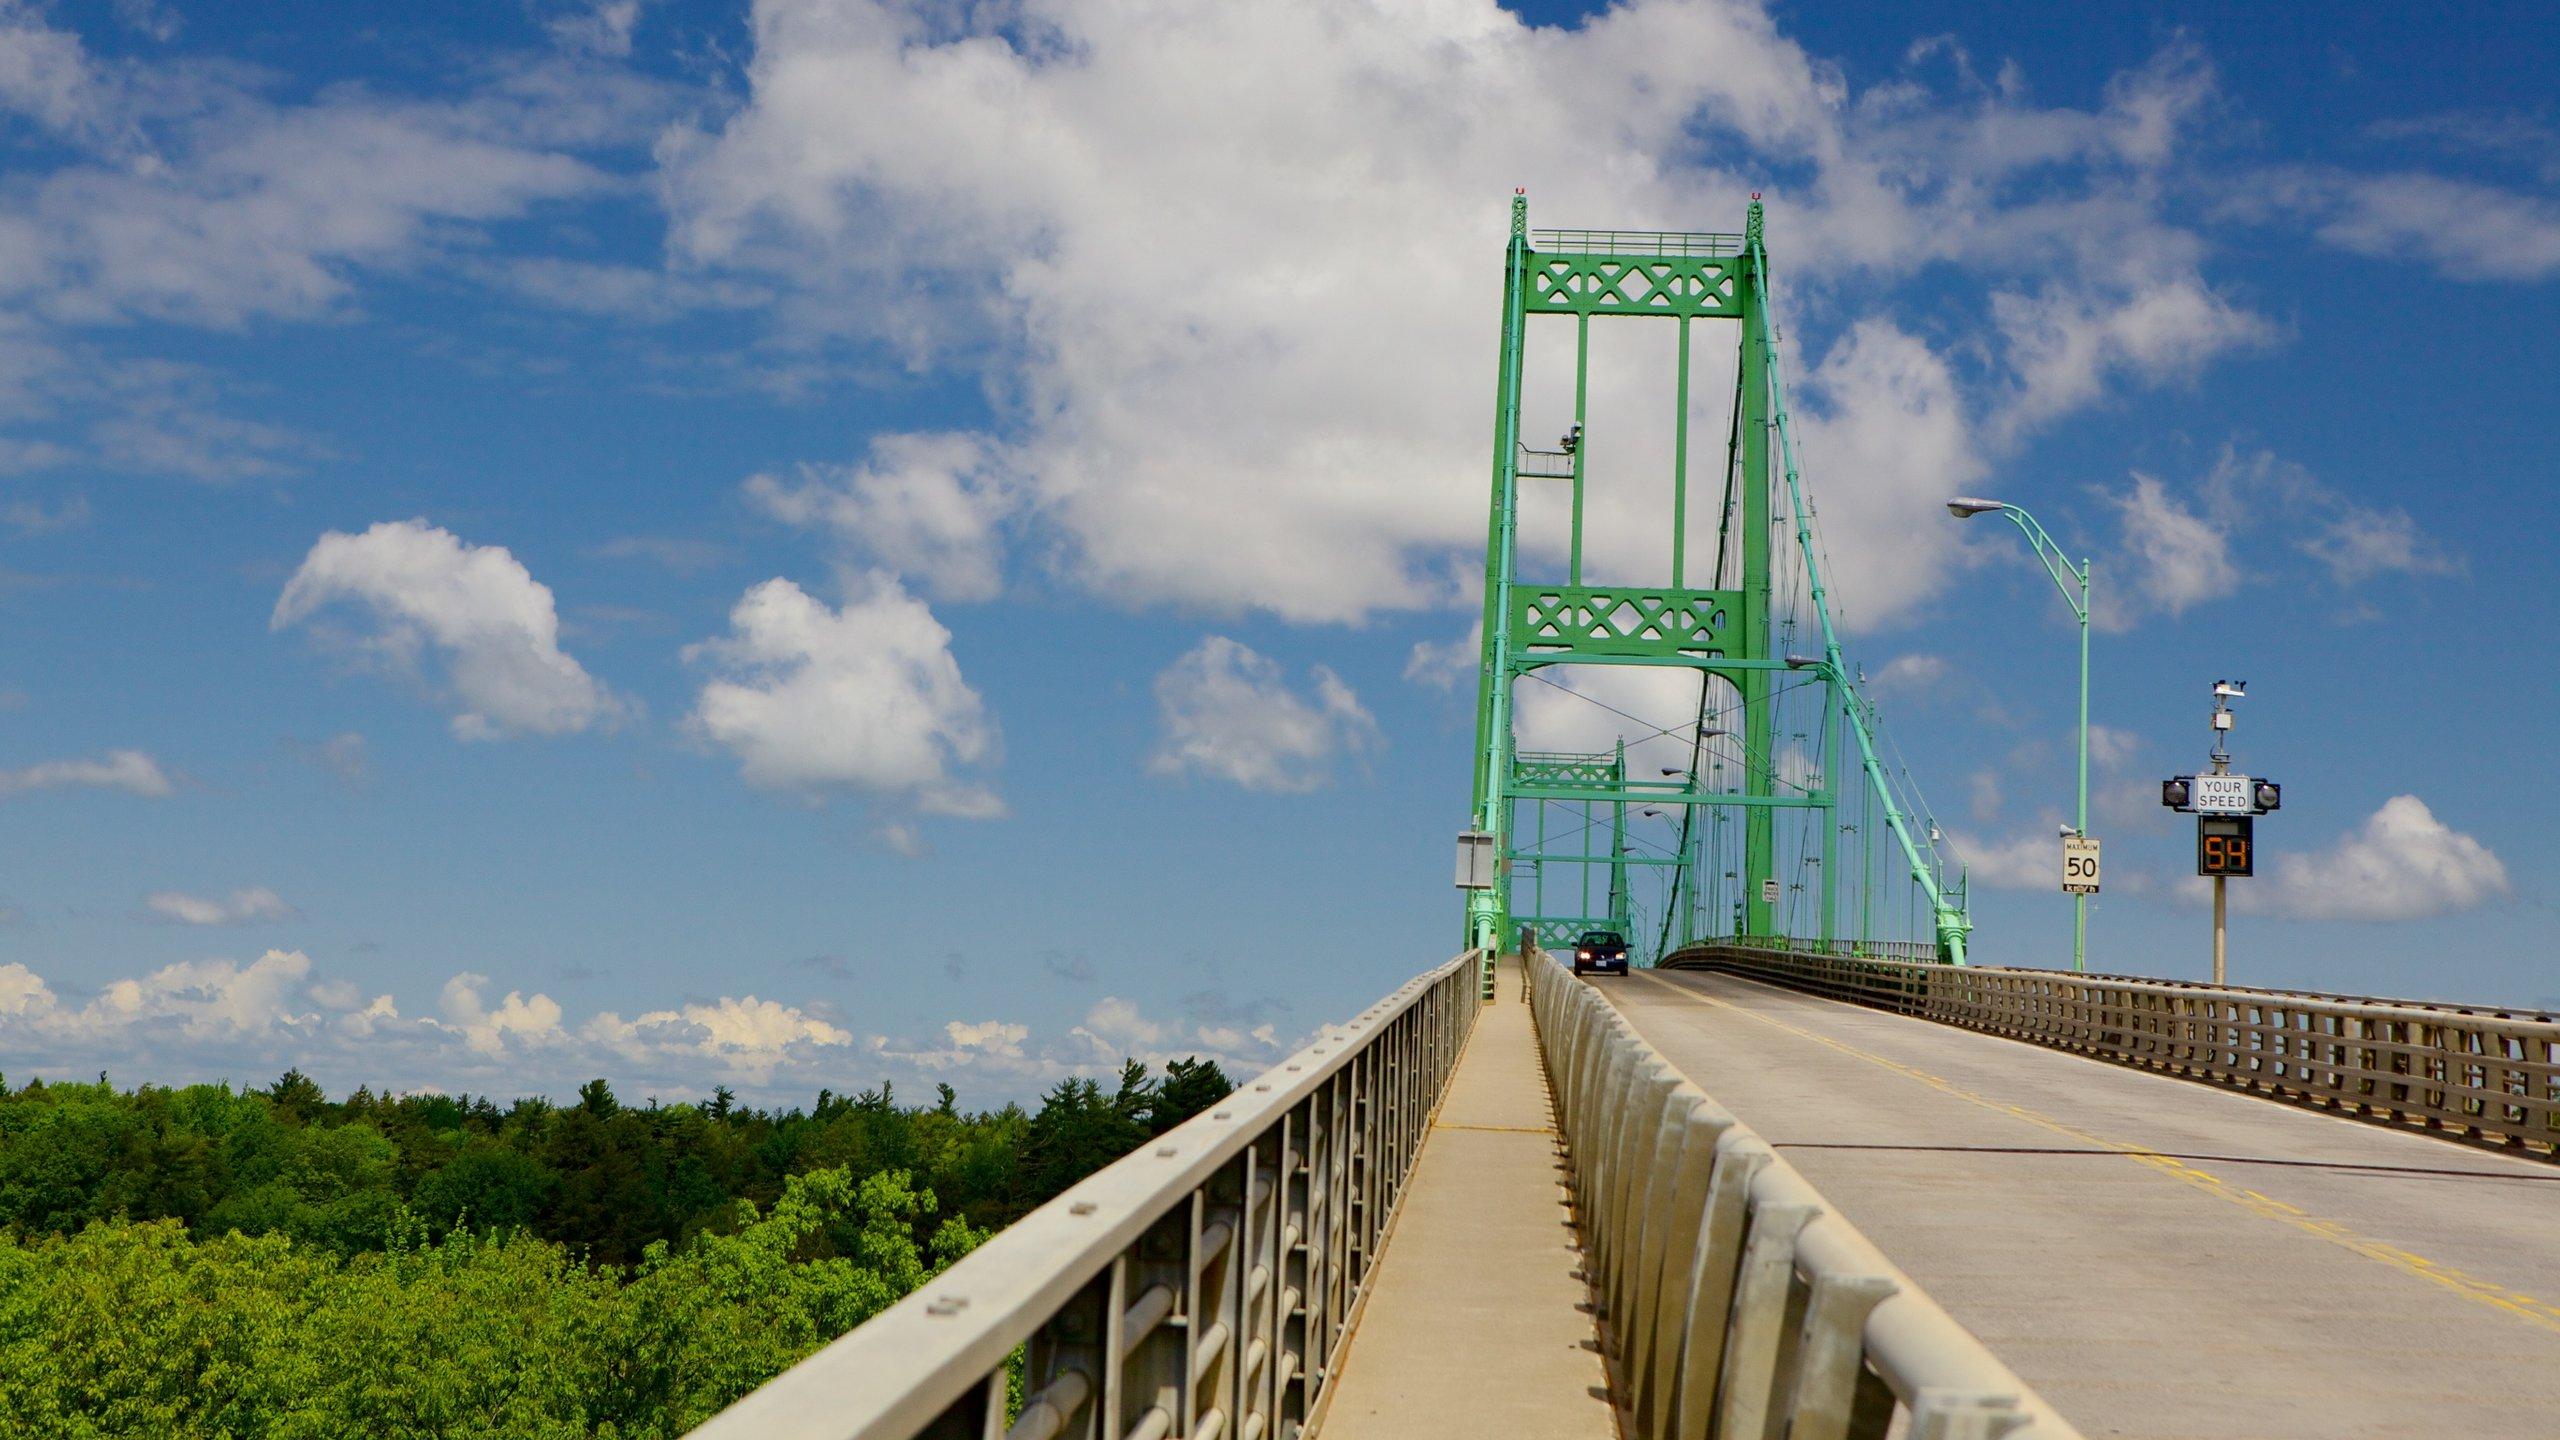 Thousand Islands Bridge, Wellesley Island, Leeds and the Thousand Islands, Ontario, Canada